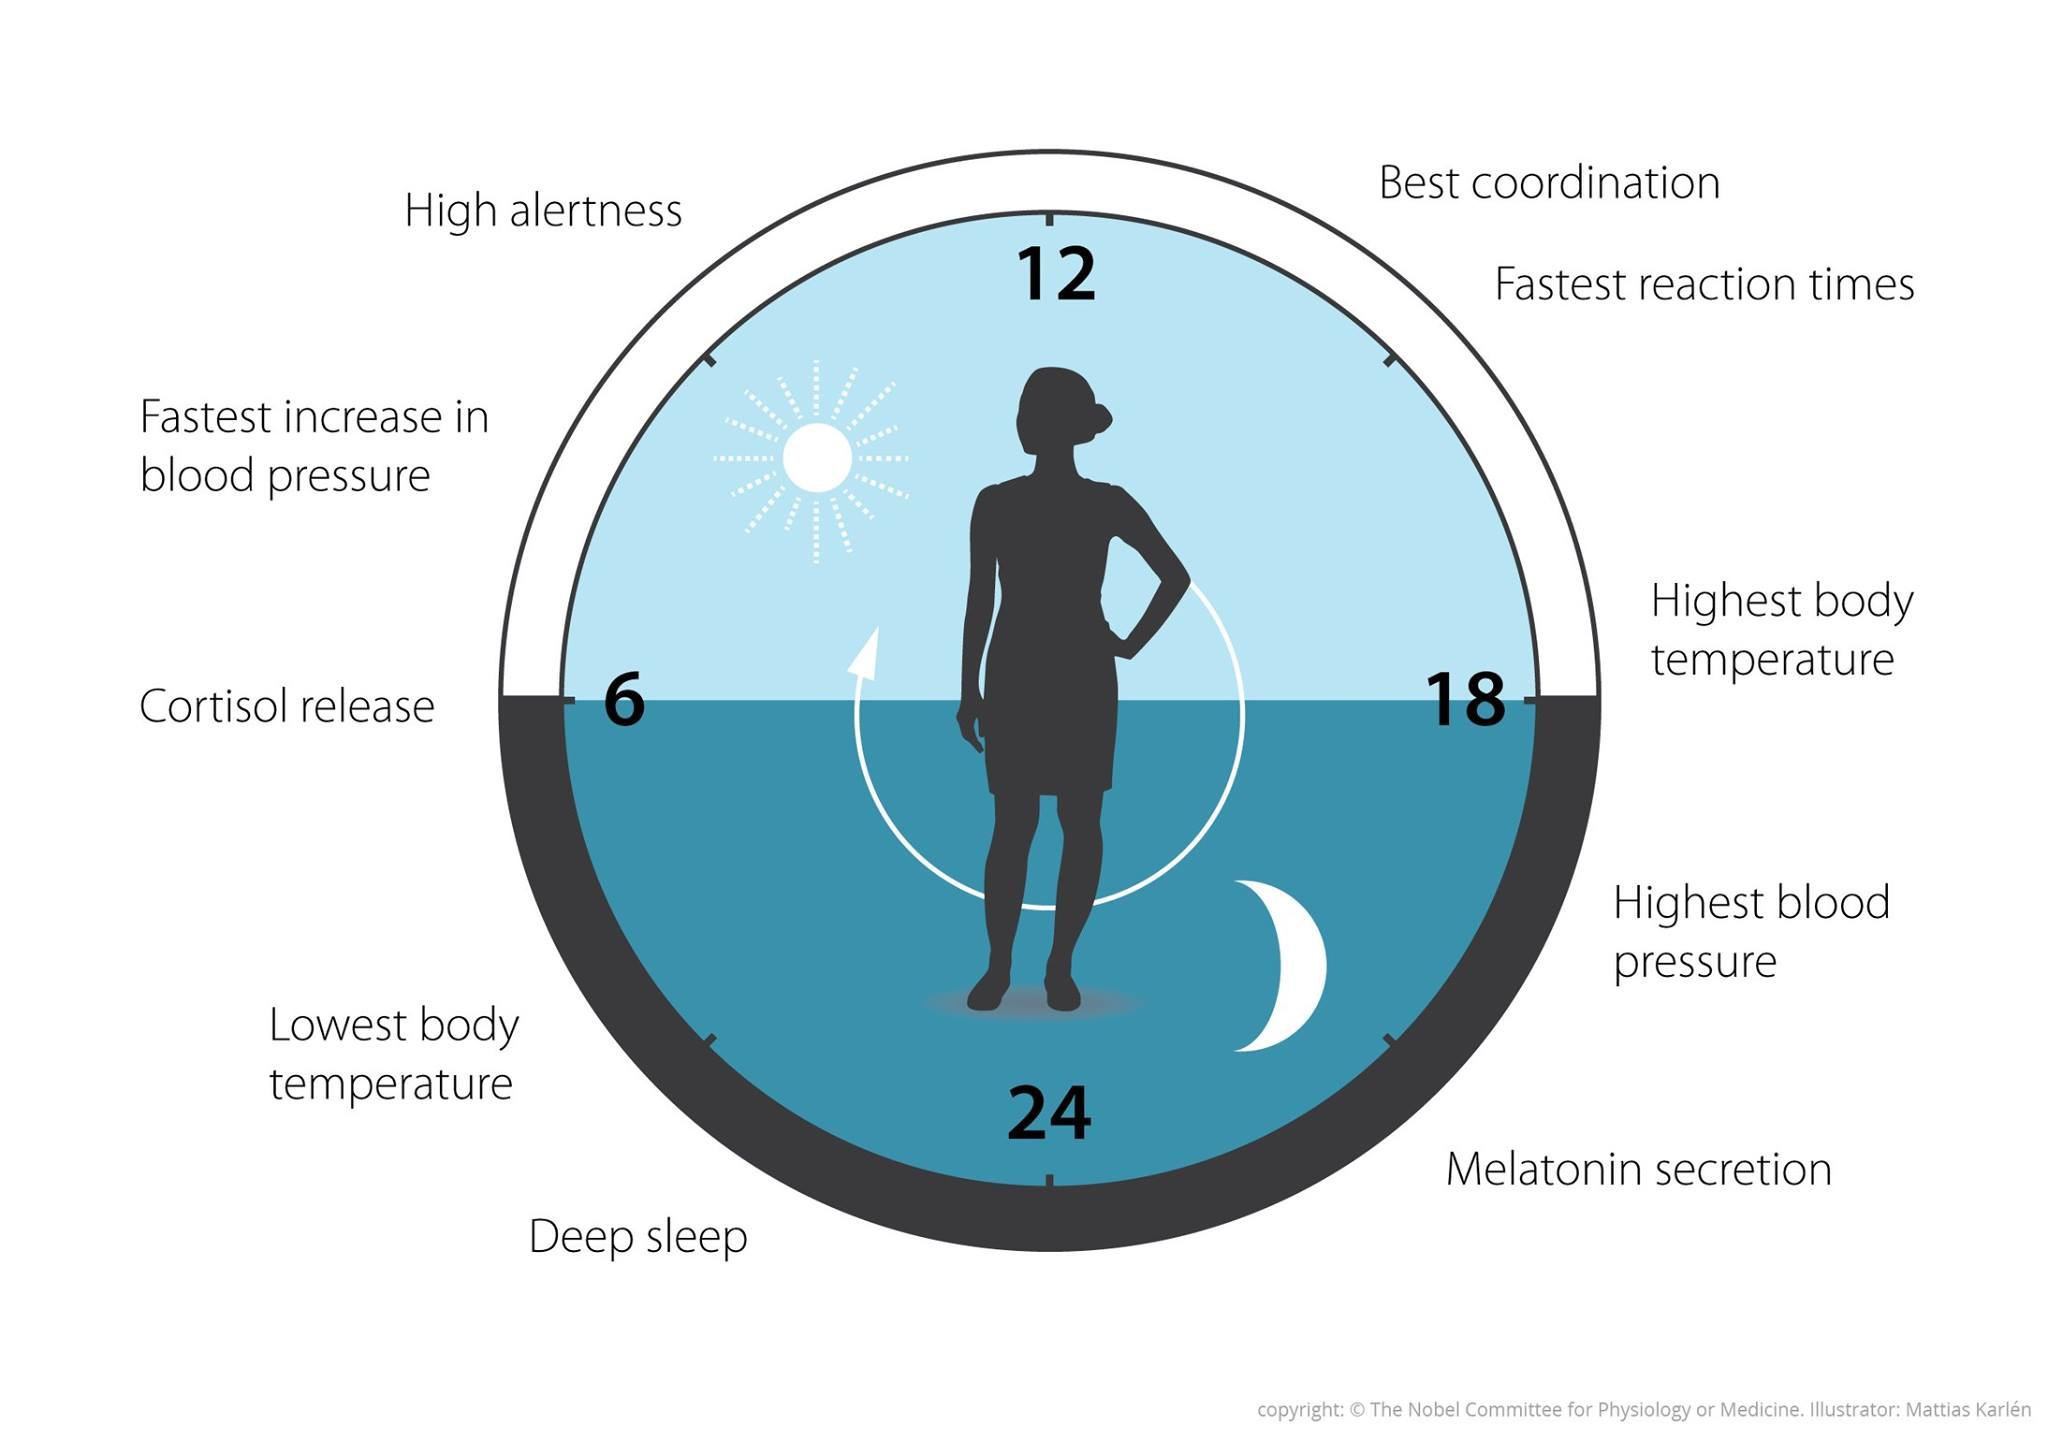 الساعة البيولوجية، نوبل، طب، صحة، نوبل في الطب، جائزة نوبل